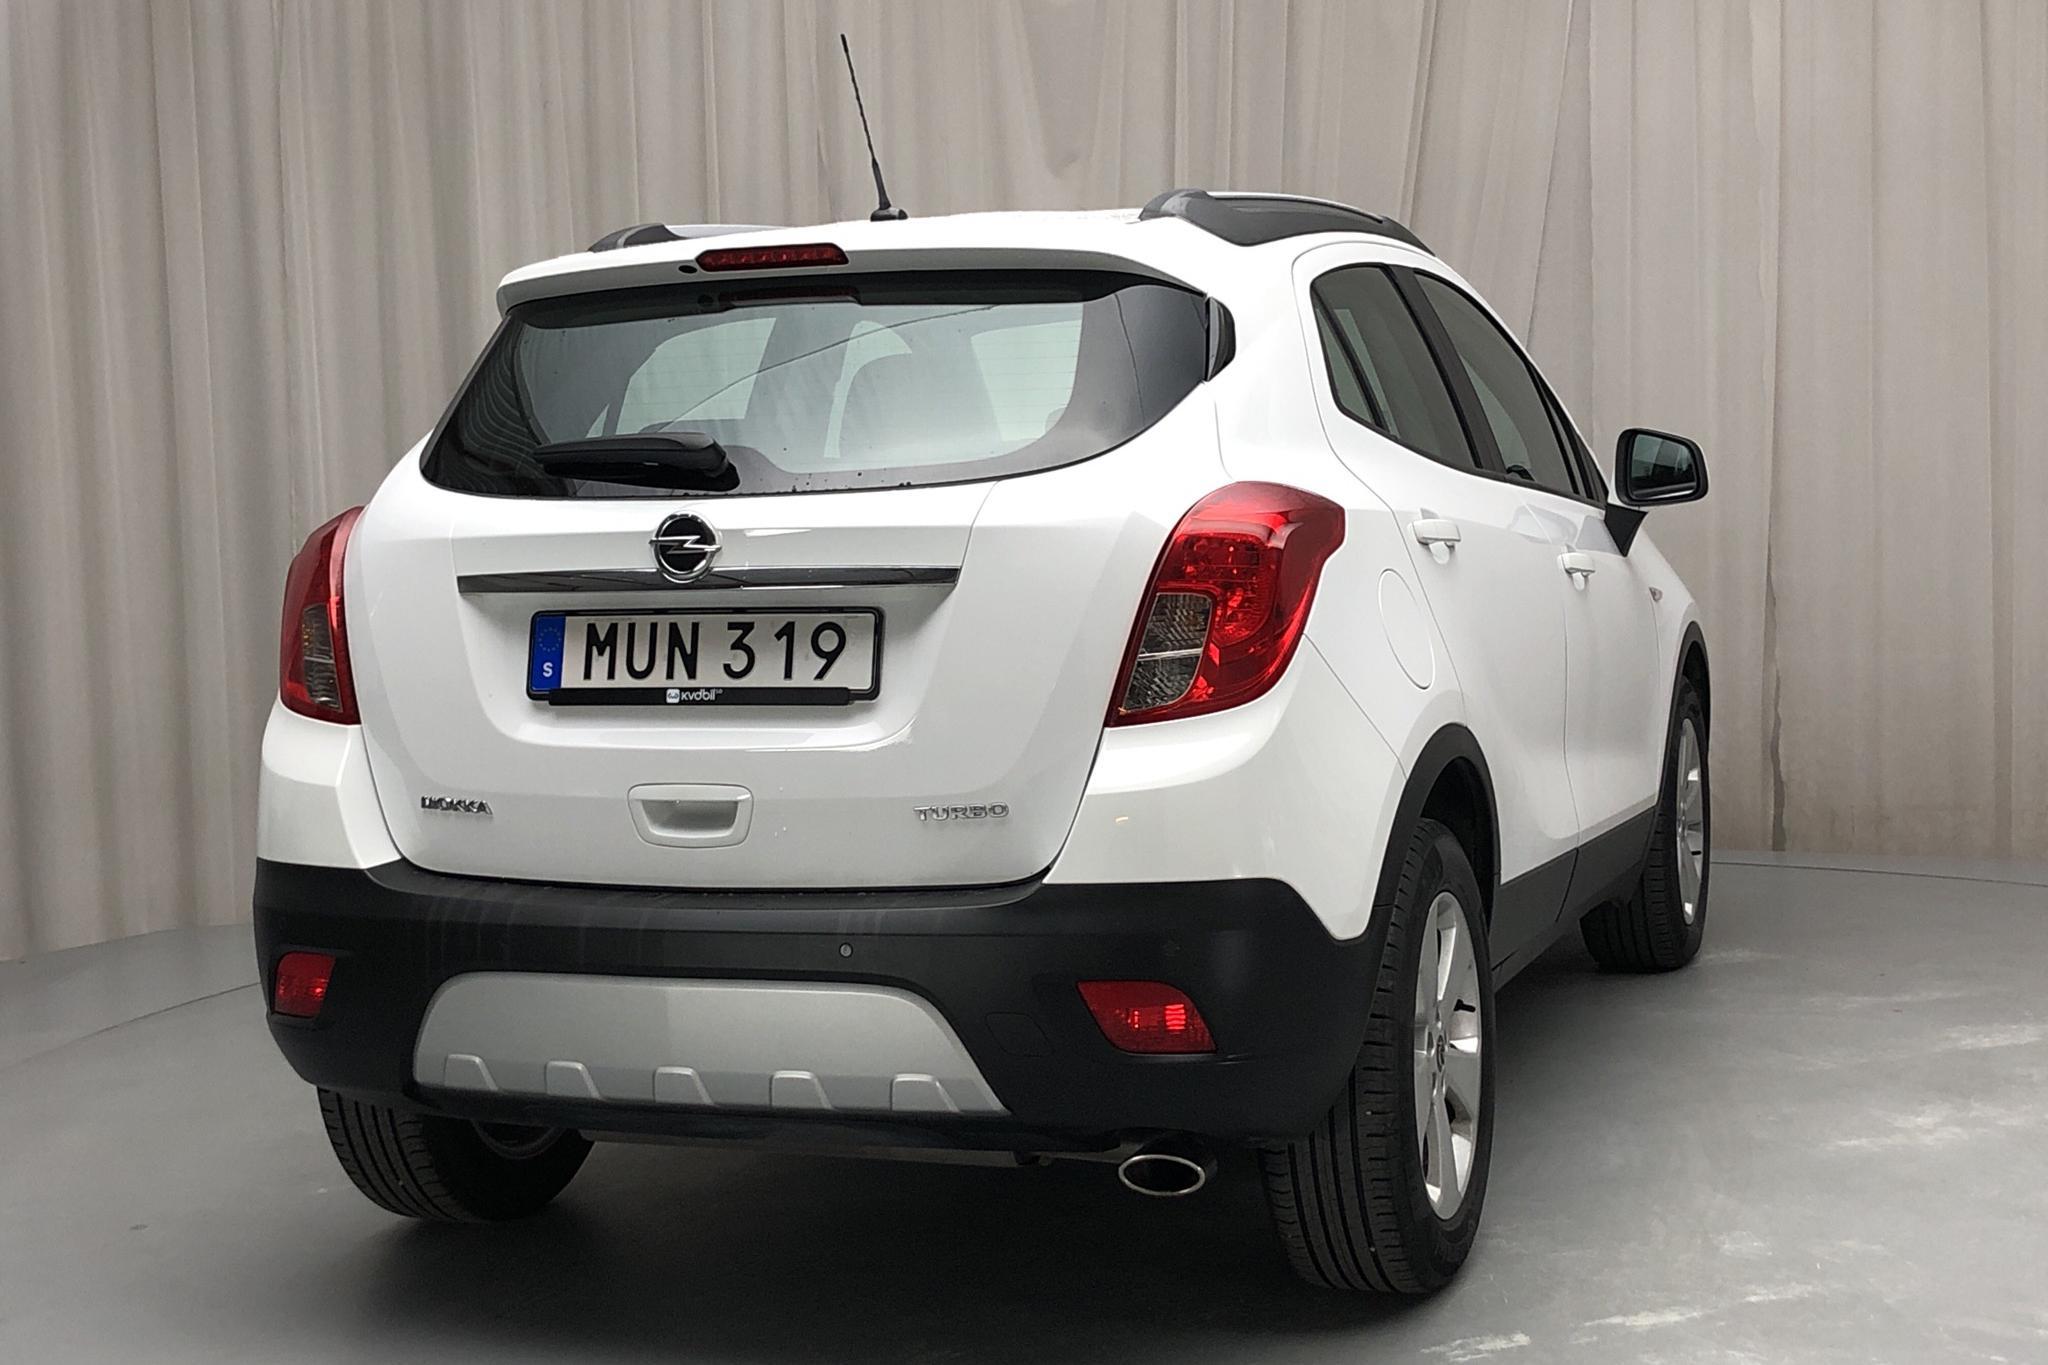 Opel Mokka 1.4 Turbo ECOTEC (140hk) - 11 901 mil - Manuell - vit - 2016